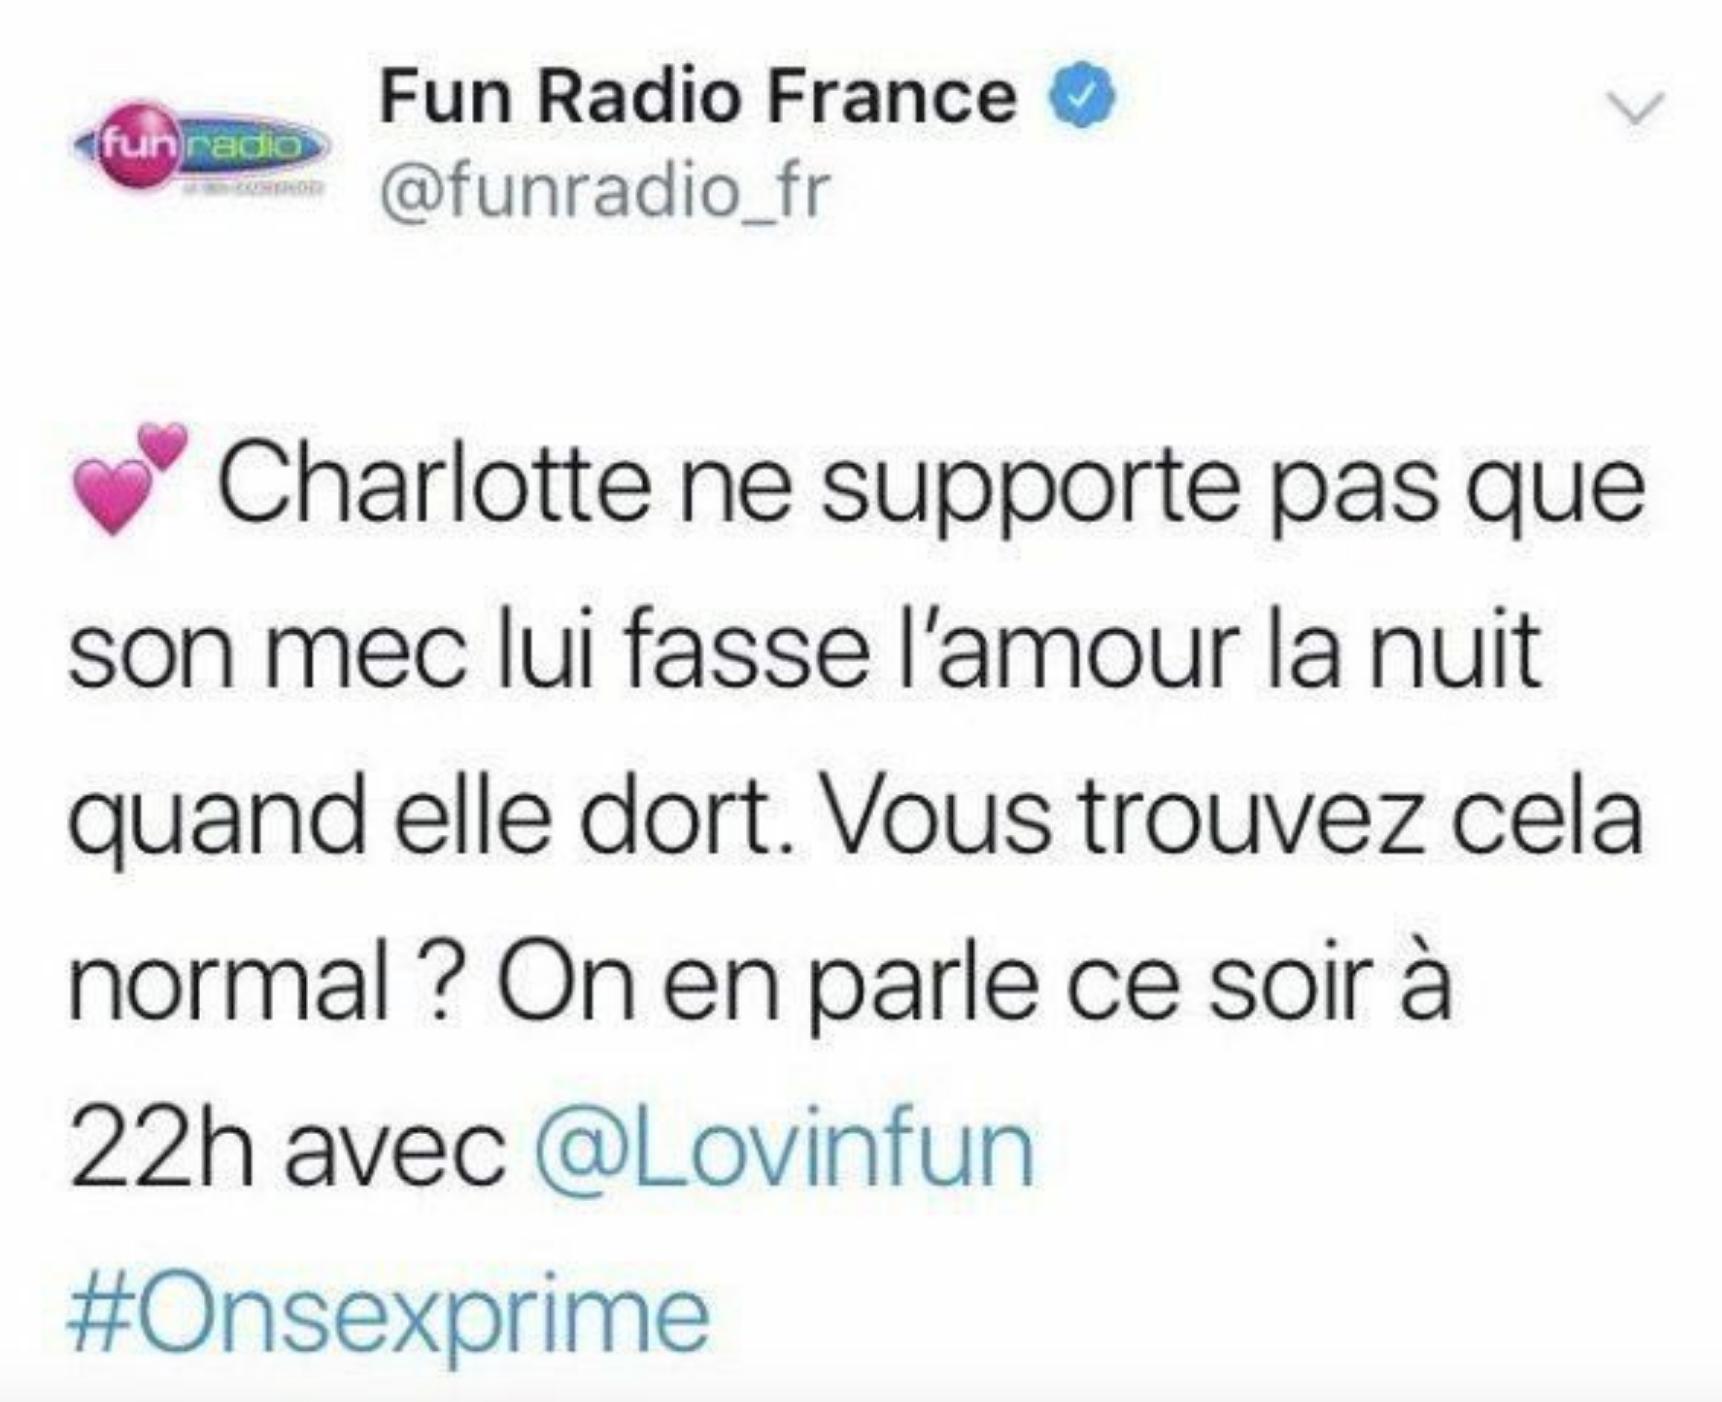 Fun Radio : le tweet de la polémique